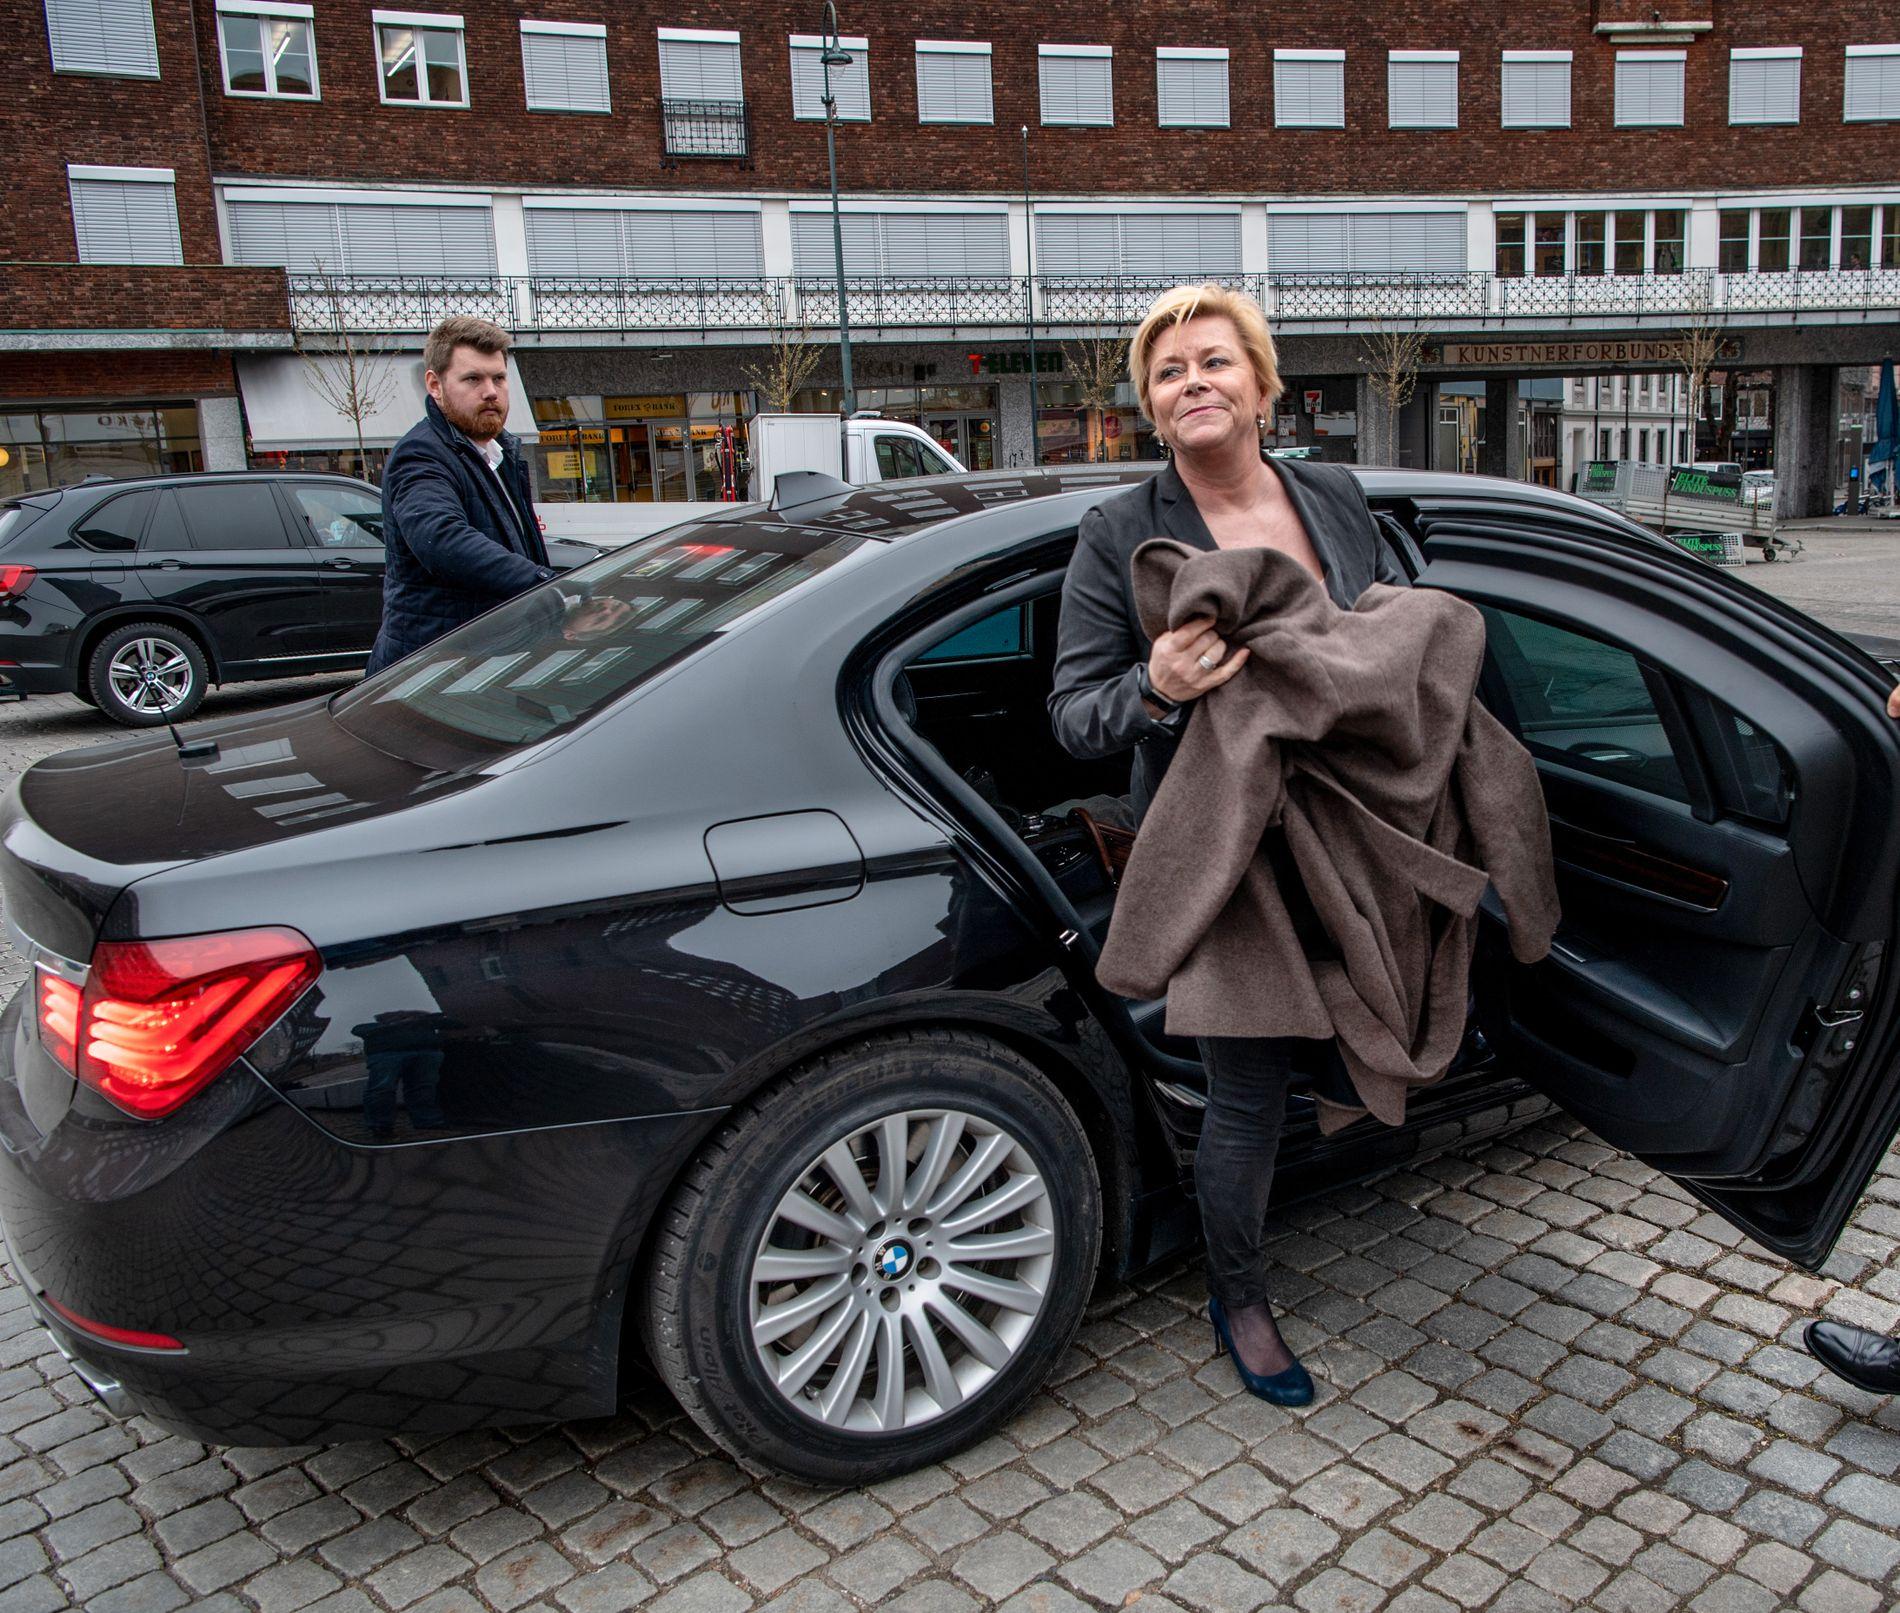 BOM BOM: Frp-leder Siv Jensen opplever at velgere strømmer fra sitt parti til bompengepartier.